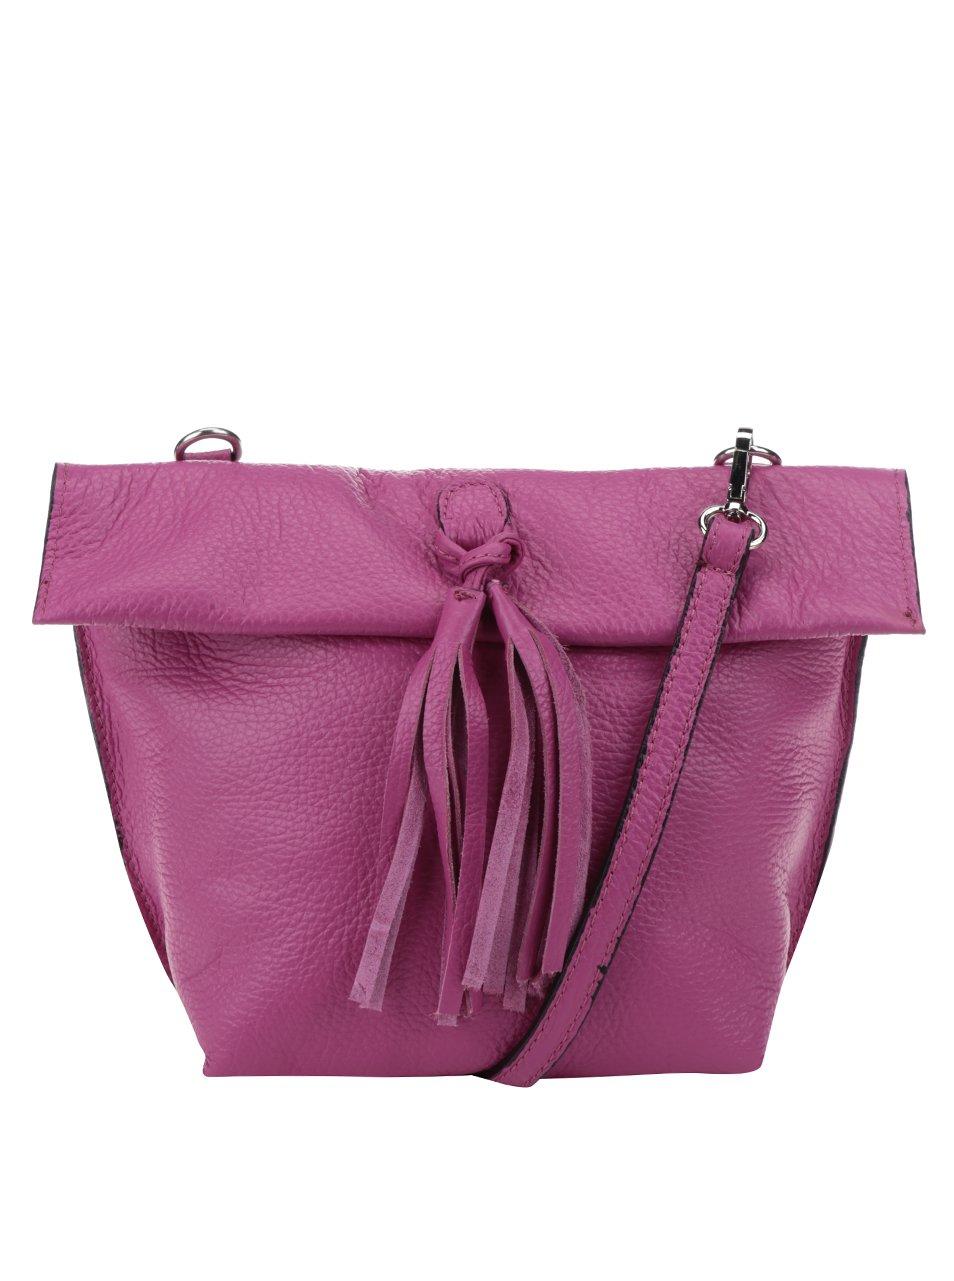 Růžová kožená crossbody kabelka s třásní ZOOT